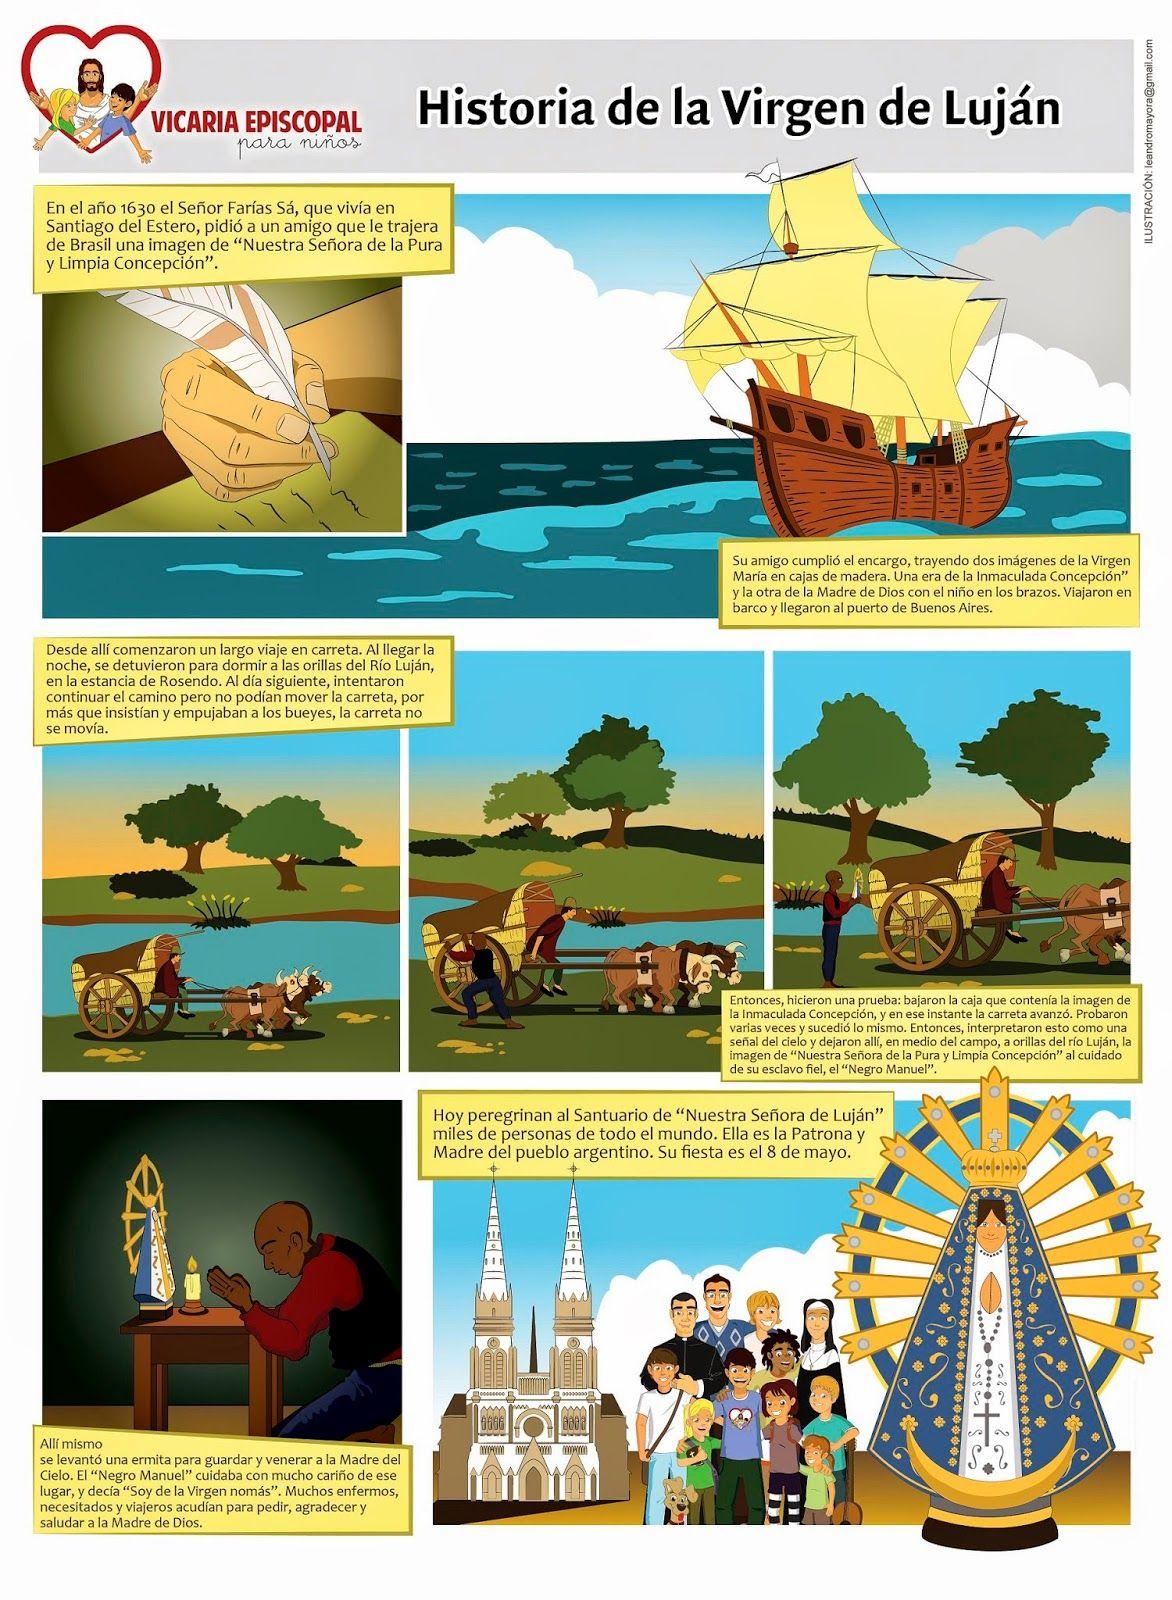 Vicaria Episcopal Para Ninos Historia De La Virgen De Lujan